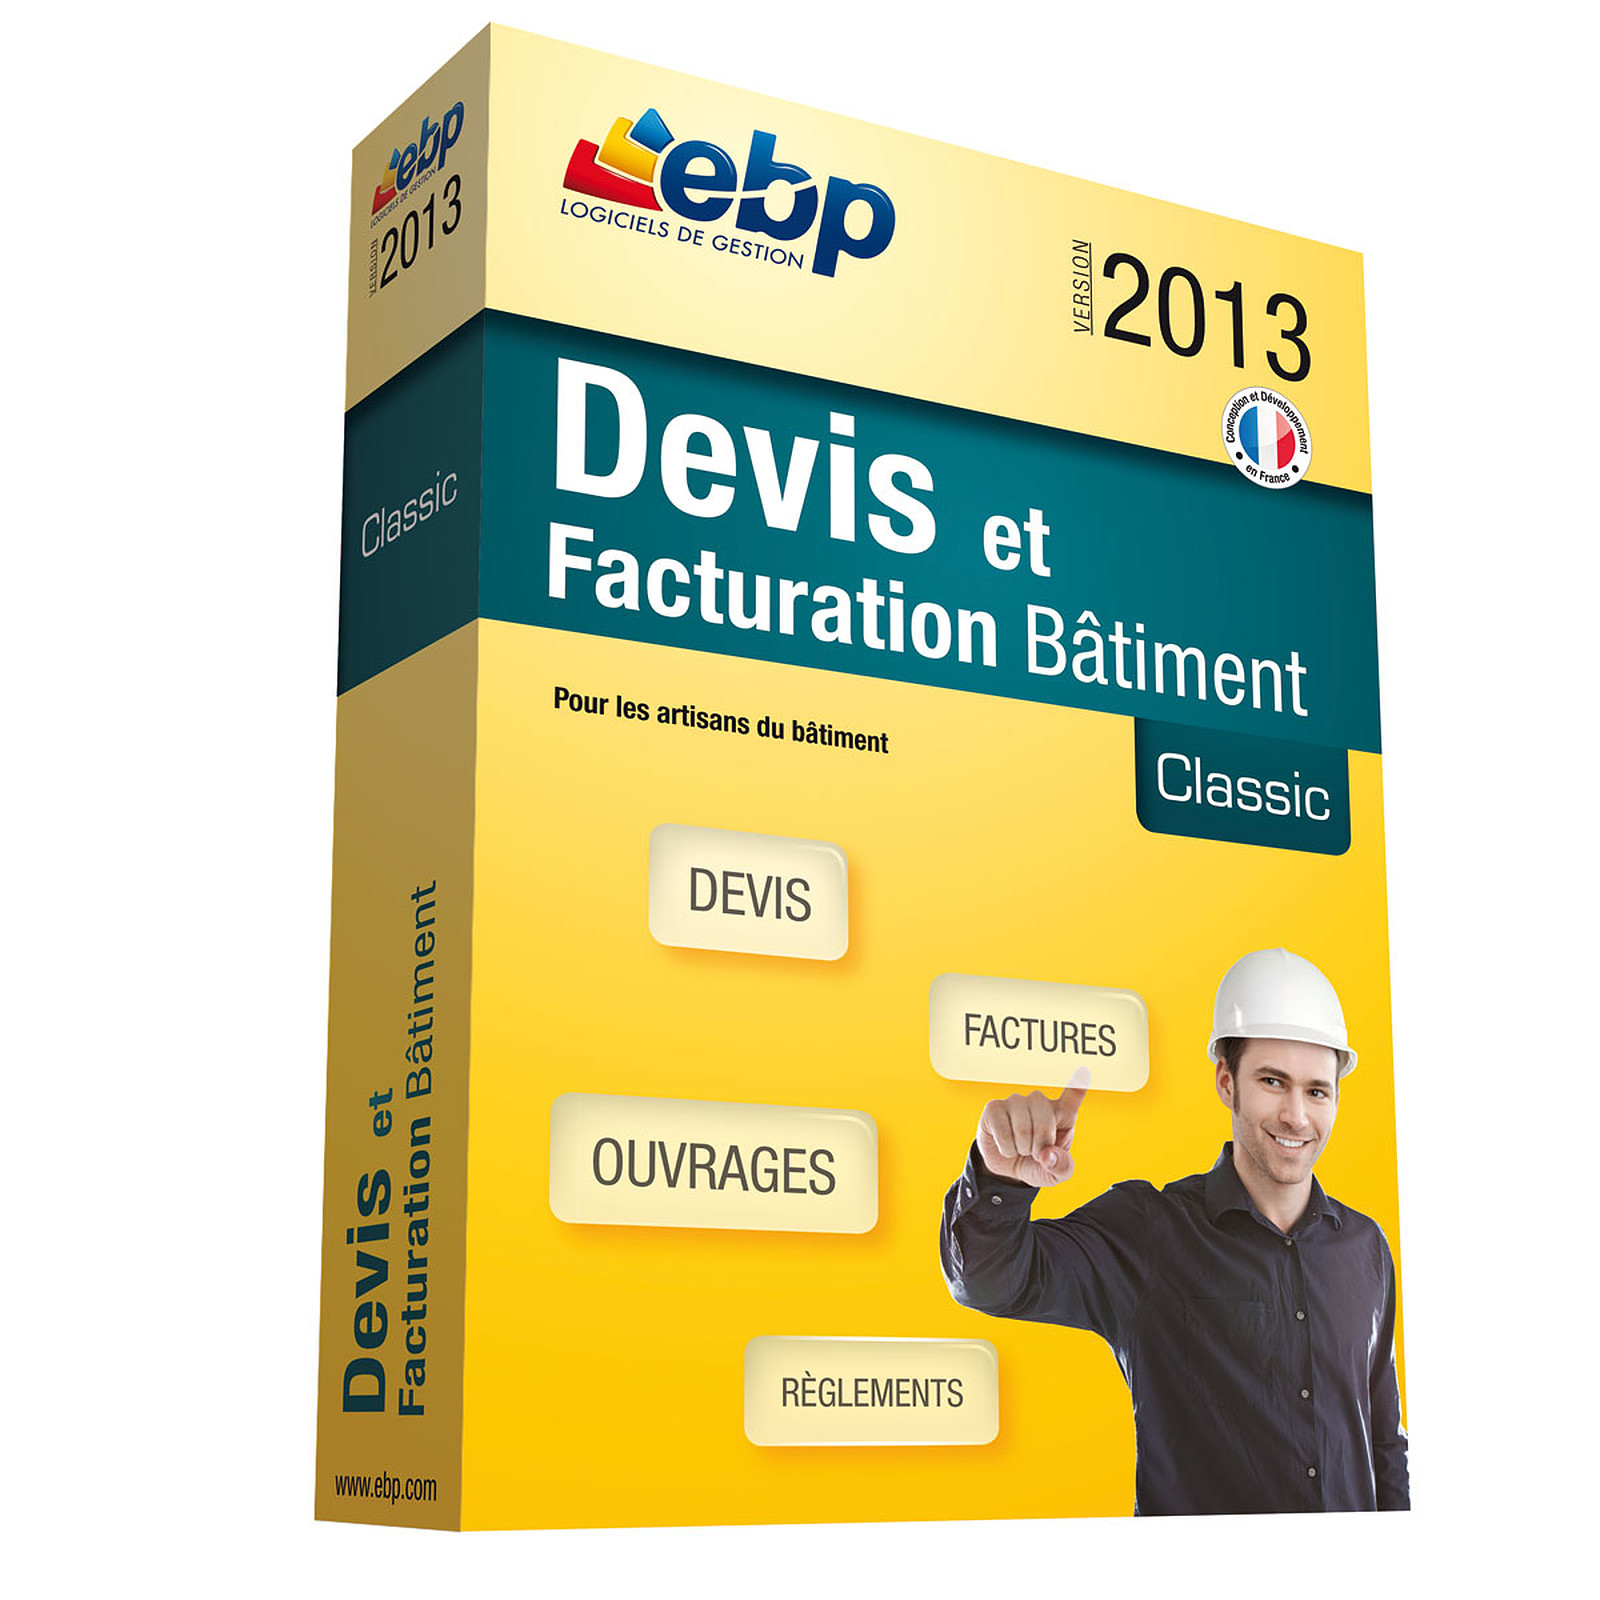 BTIMENT 2013 ET TÉLÉCHARGER CLASSIC FACTURATION EBP DEVIS